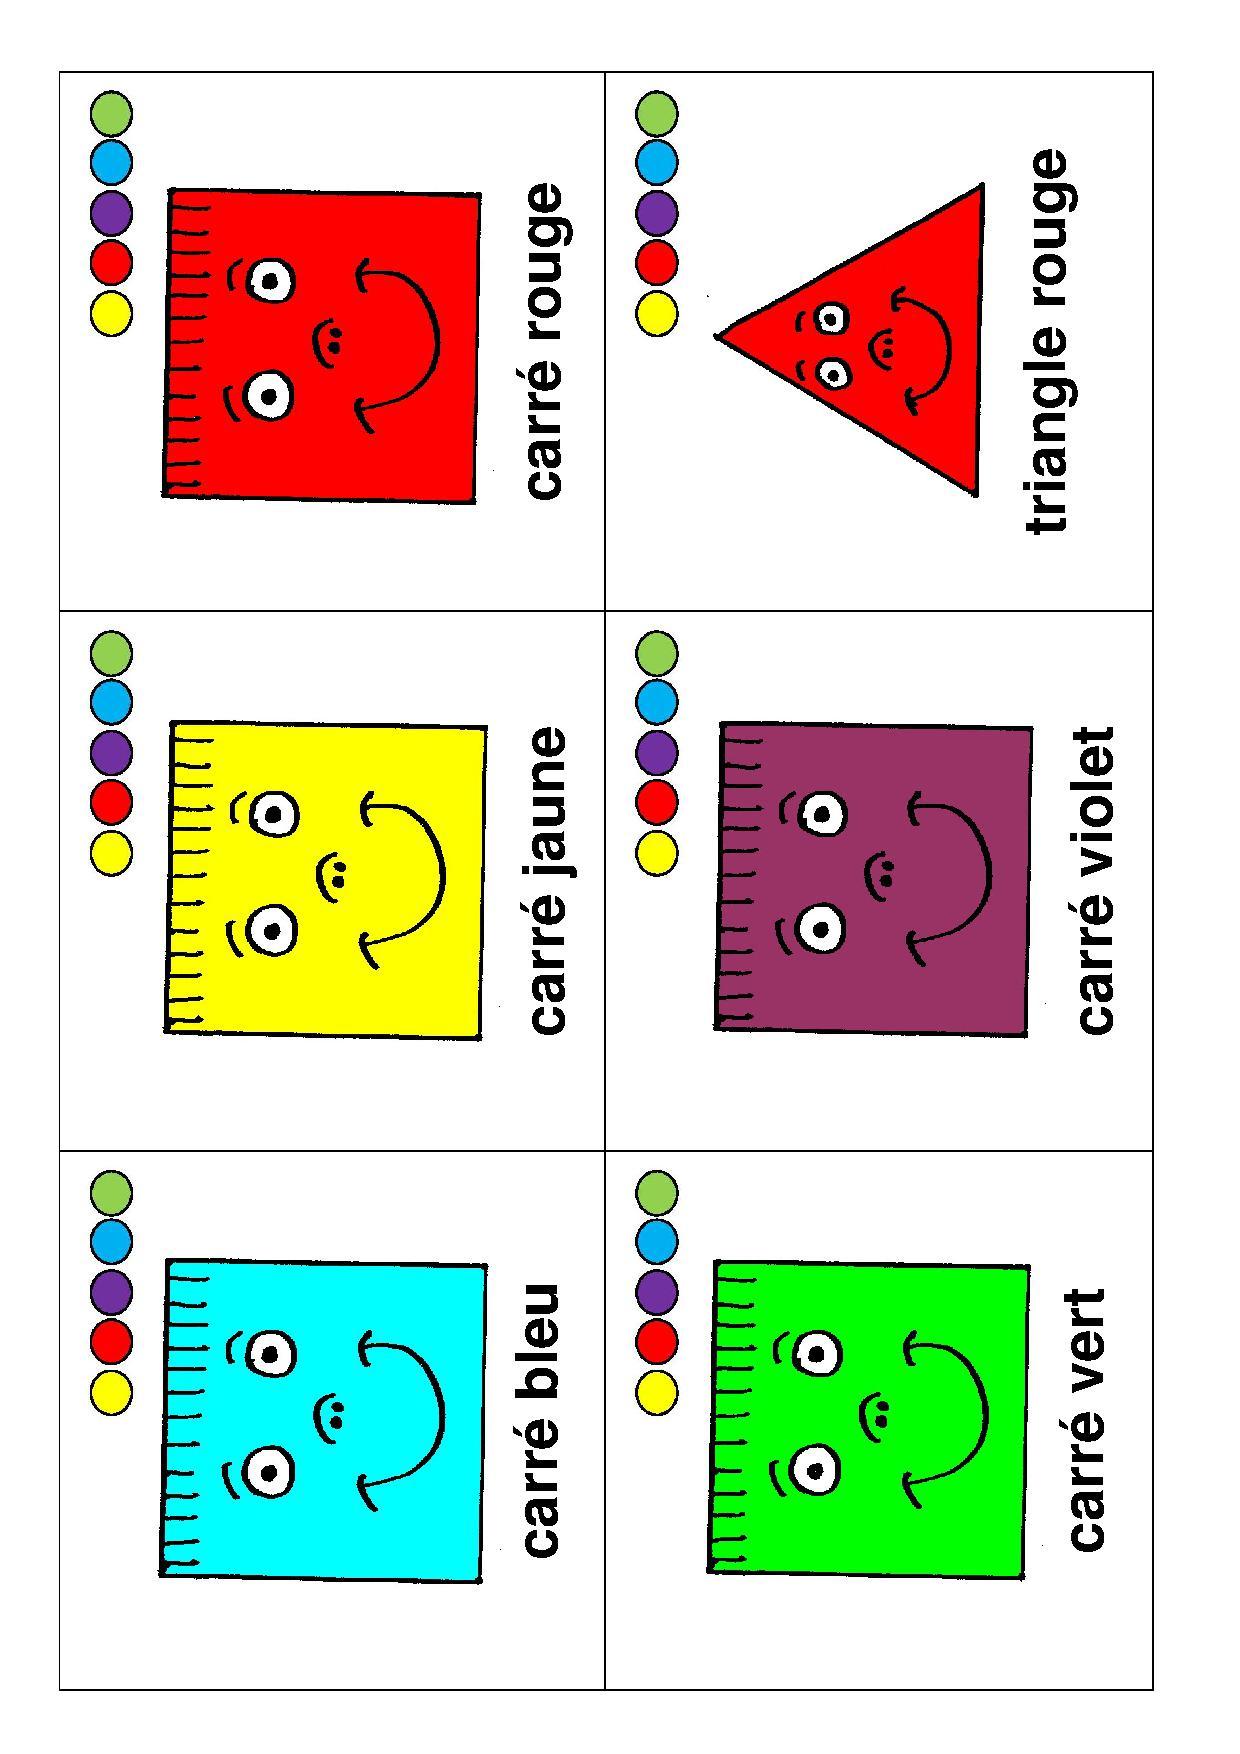 Jeux De 7 Familles - La Maternelle De Camille intérieur Jeux Didactiques Maternelle